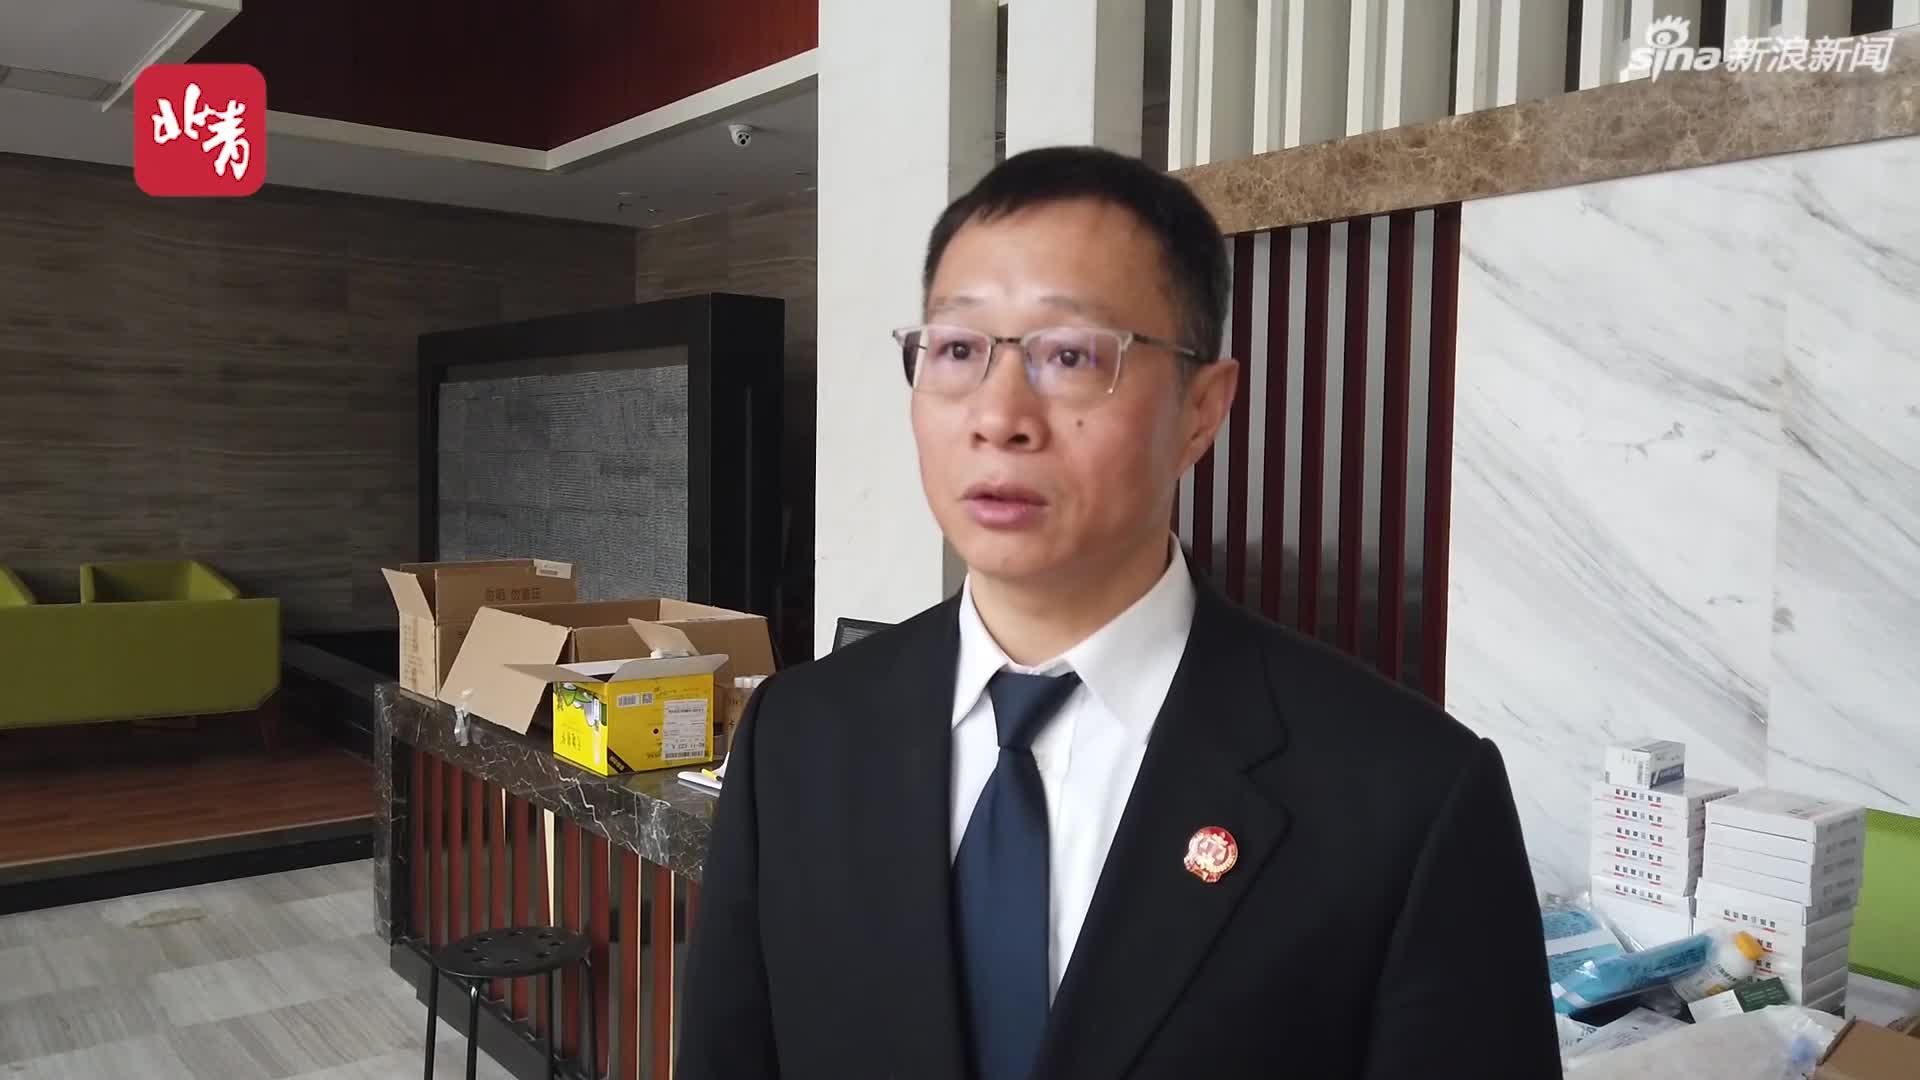 亚洲最大年夜私家医疗集团陷欠薪风波 北京旭日法院查封部属病院